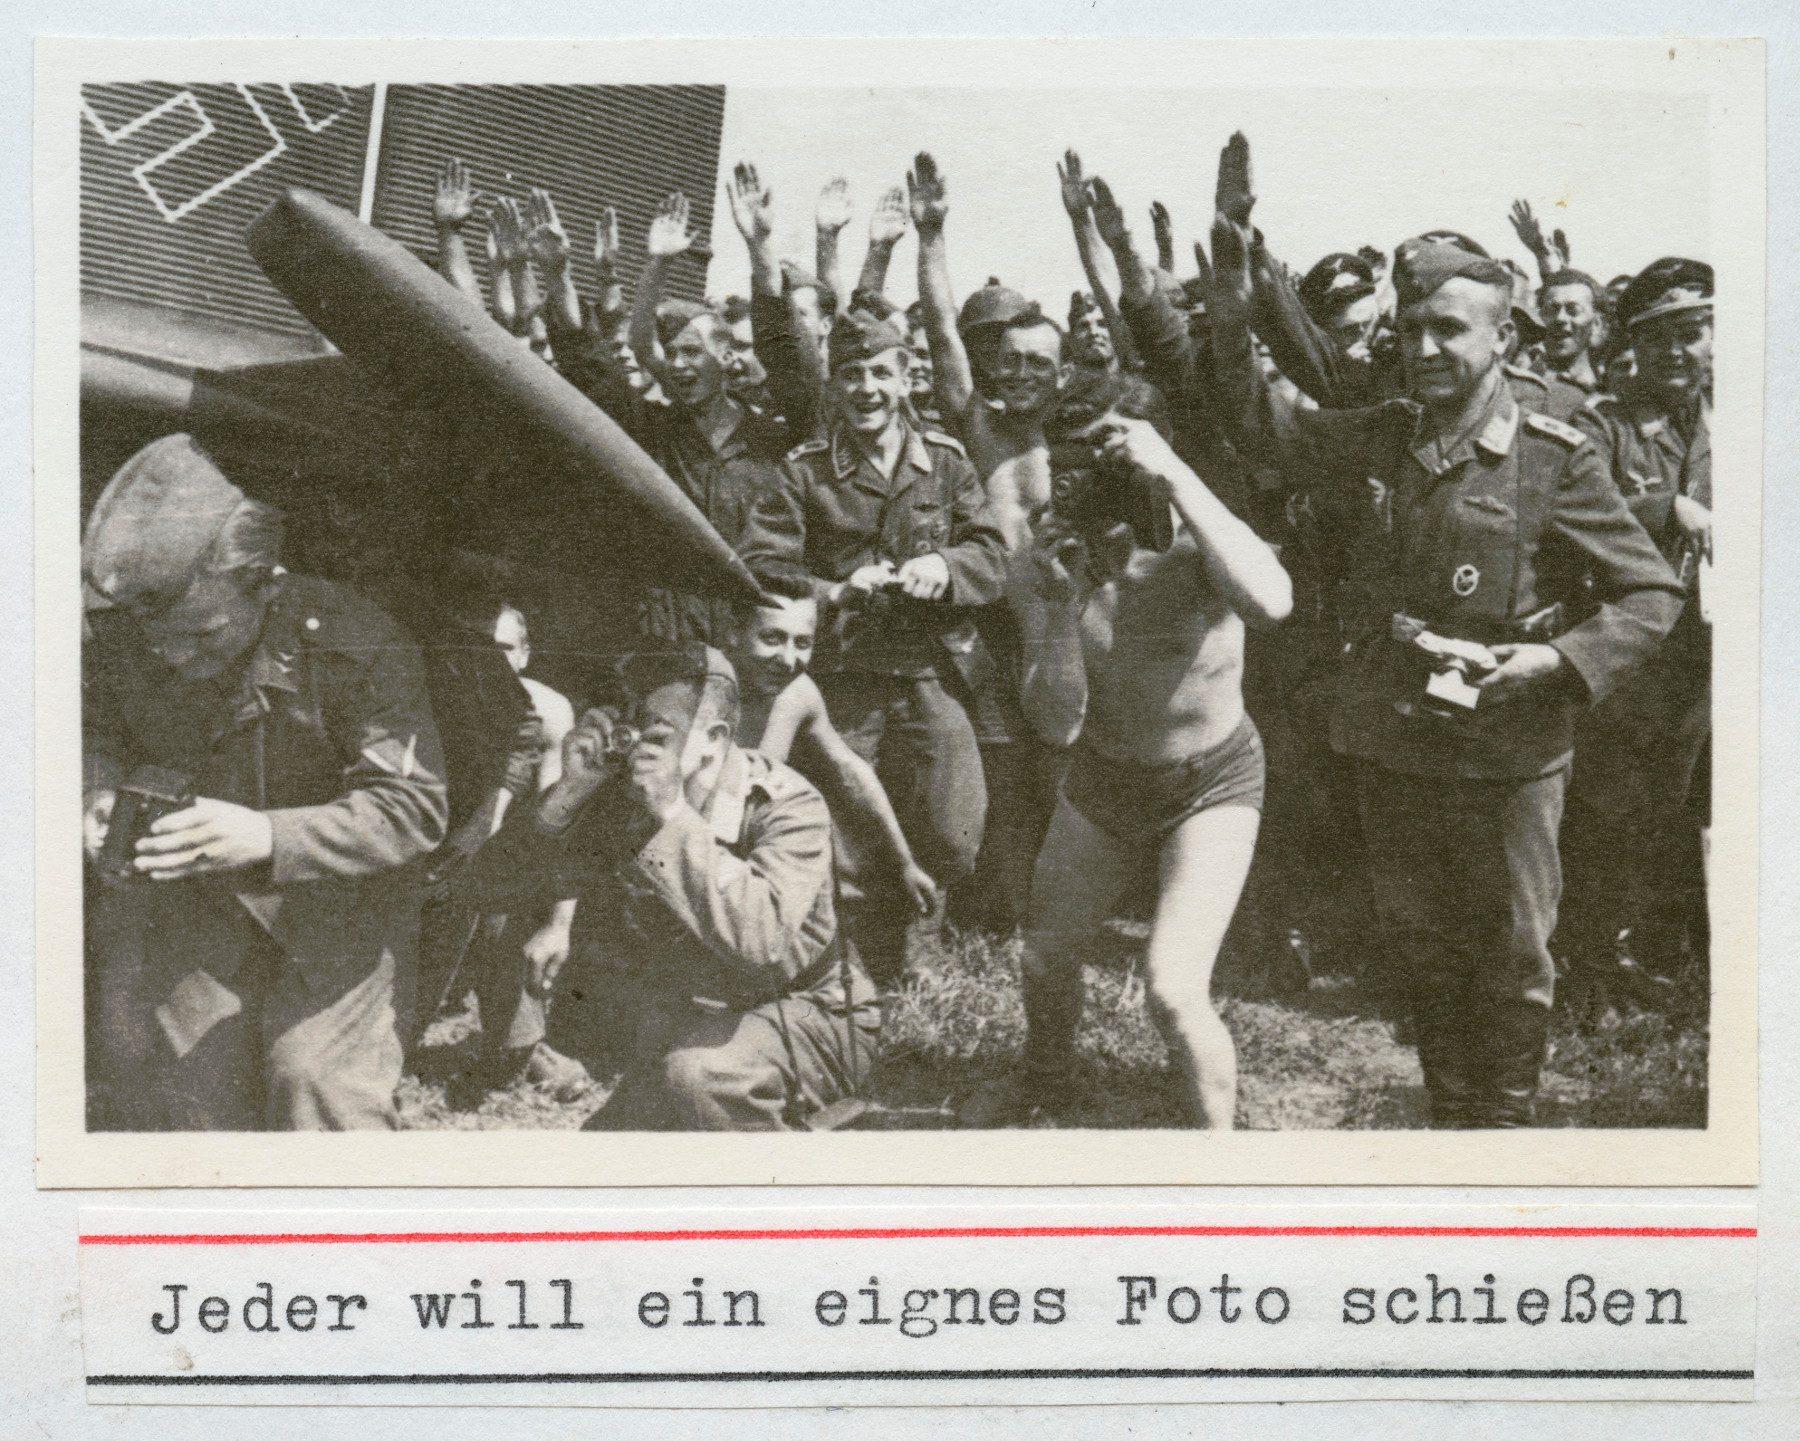 Soldaten fotografieren während des Besuchs von Hitler und Mussolini in Uman/Ukraine am 28. August 1941;Archiv Reiner Moneth, Norden